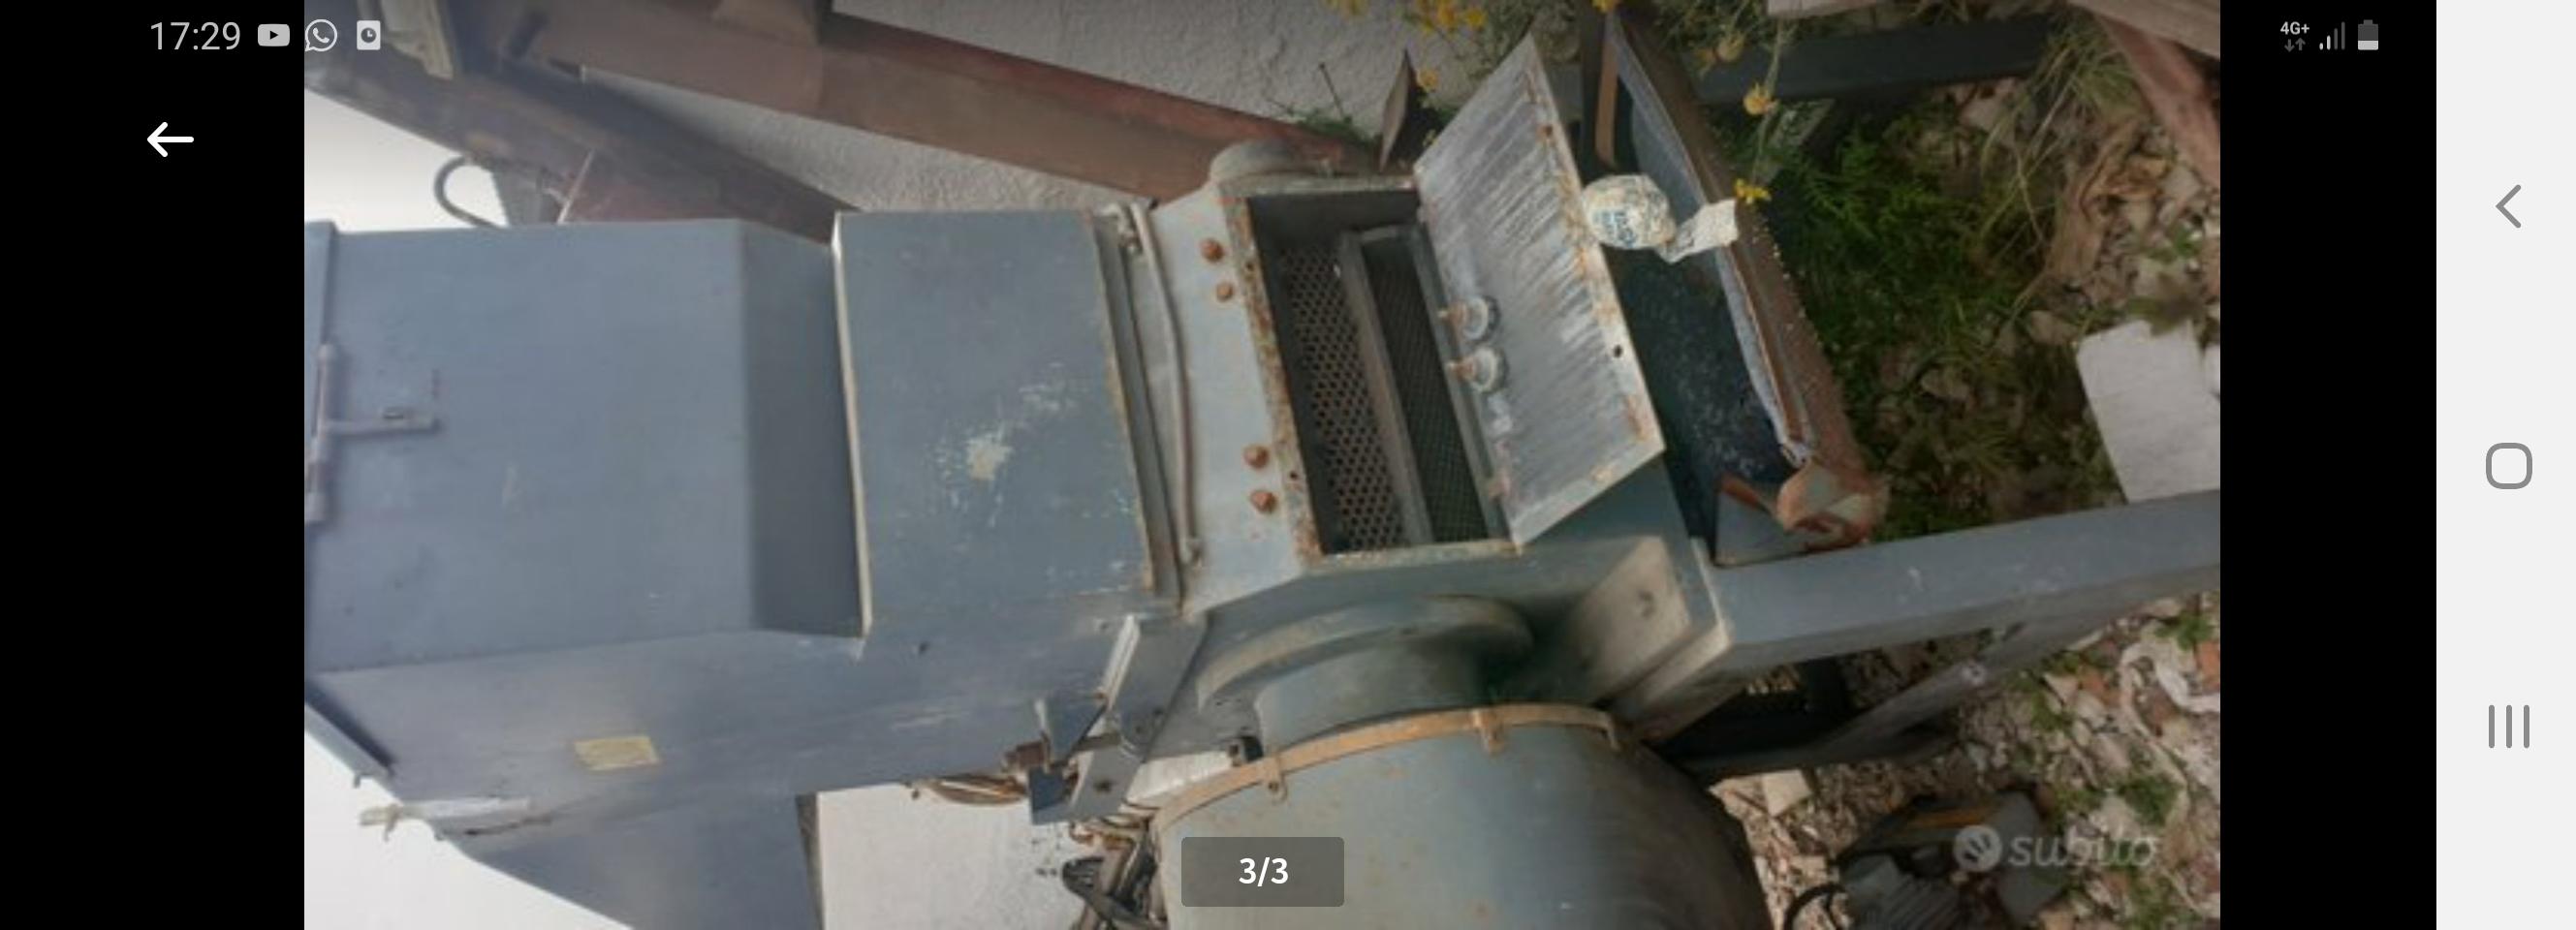 Mulino granulatore in vendita - foto 1